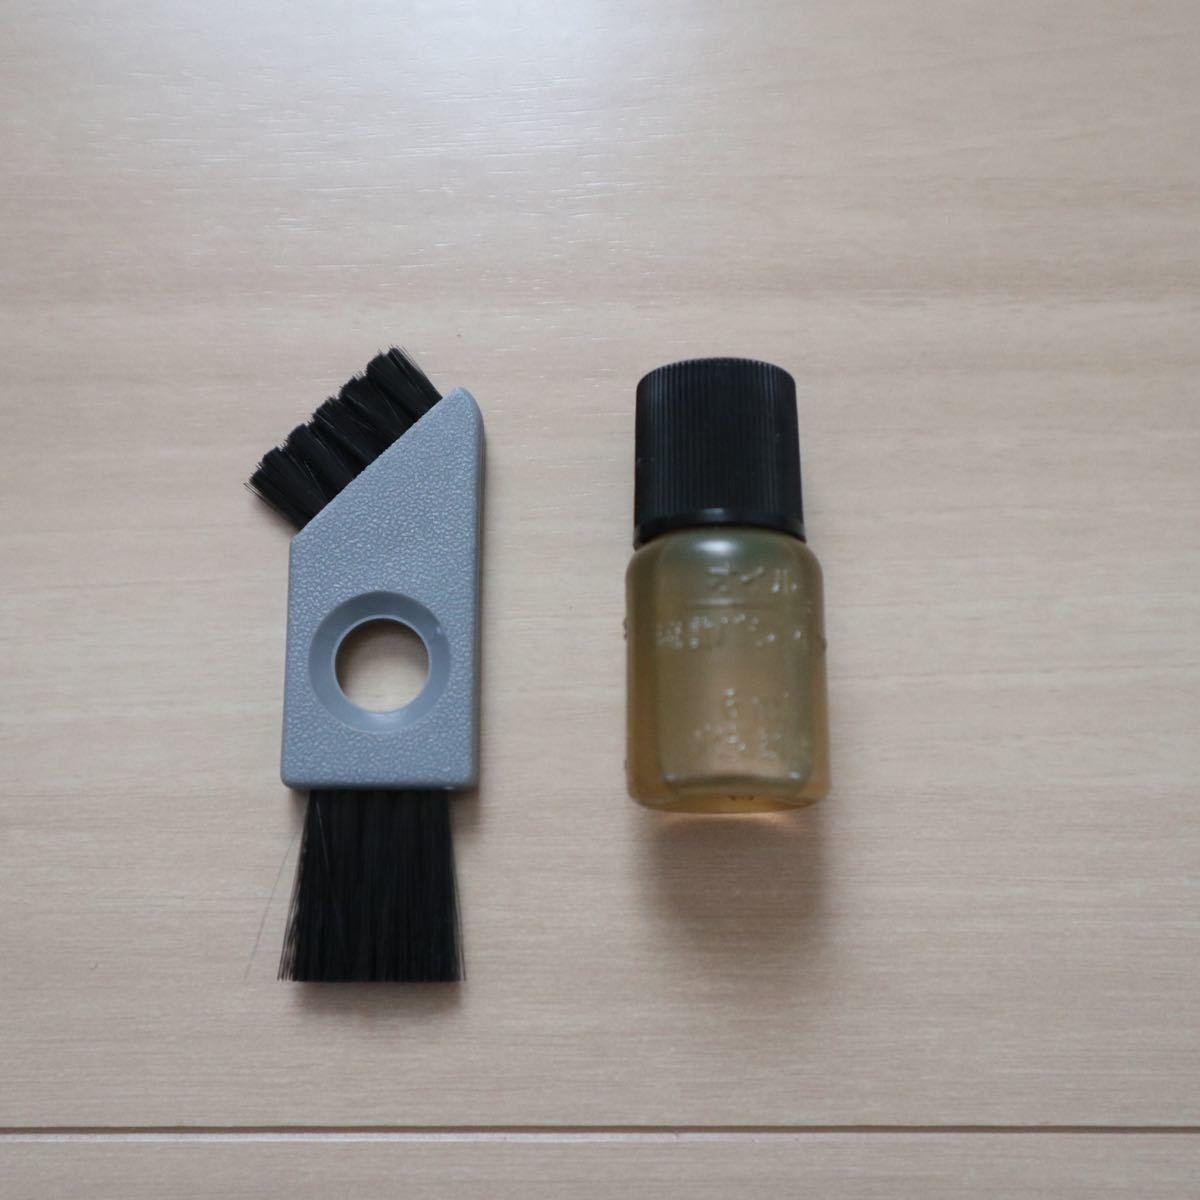 「セット替刃 ES9013」「本体以外 ES-CST6Sの付属品」 Panasonic パナソニック